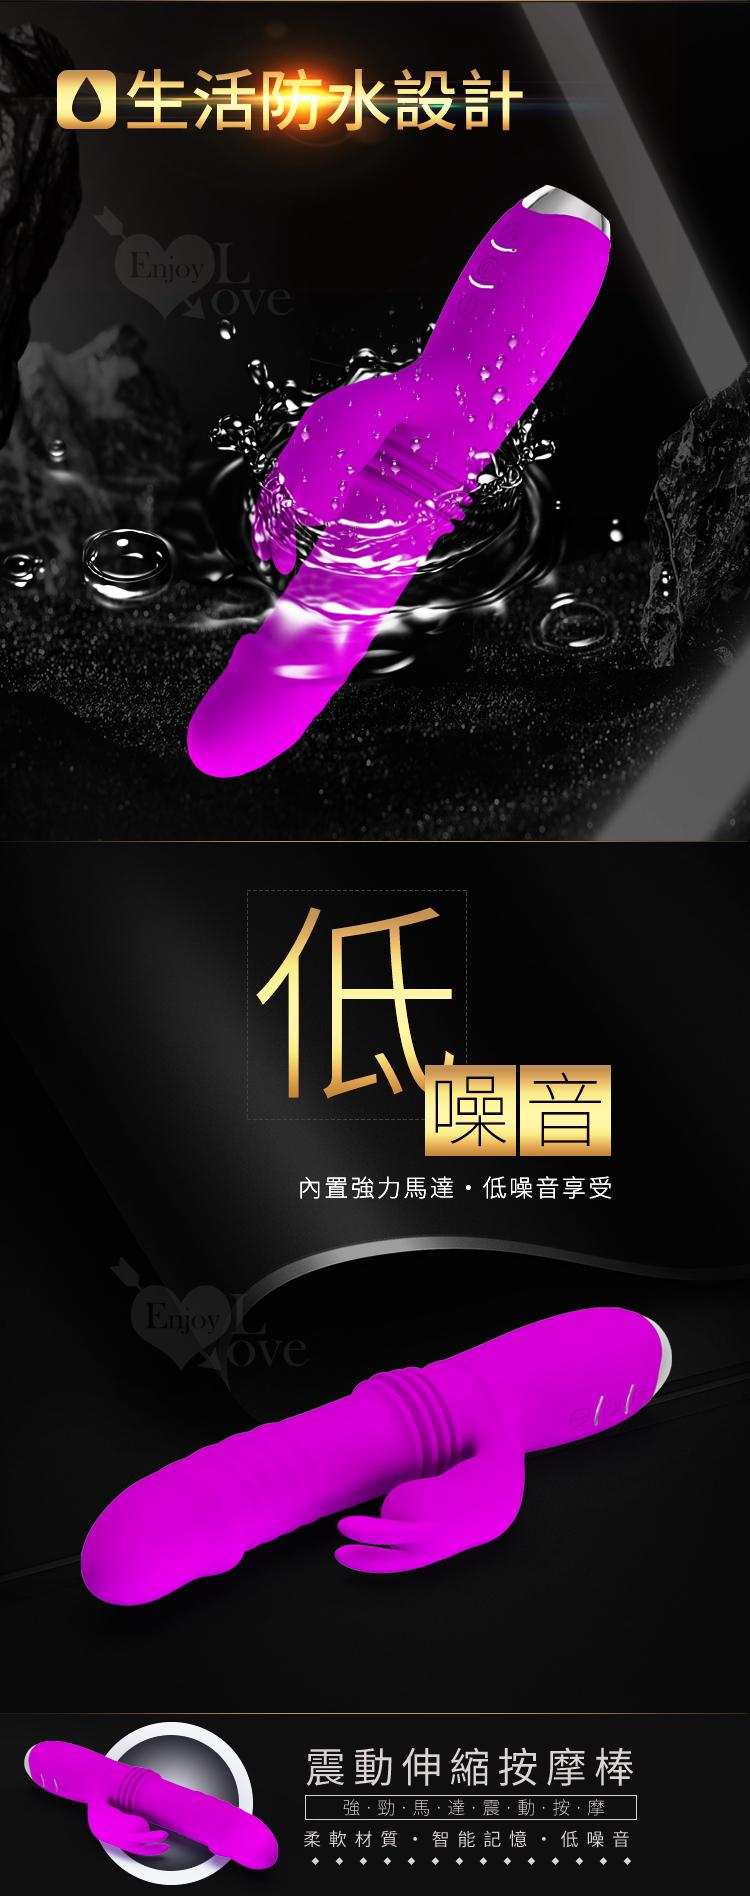 派蒂菈 ‧ Dorothy 多蘿西 多重精巧按摩棒﹝3伸縮+12強震+內外同樂+親膚硅膠+USB便捷充電﹞紫